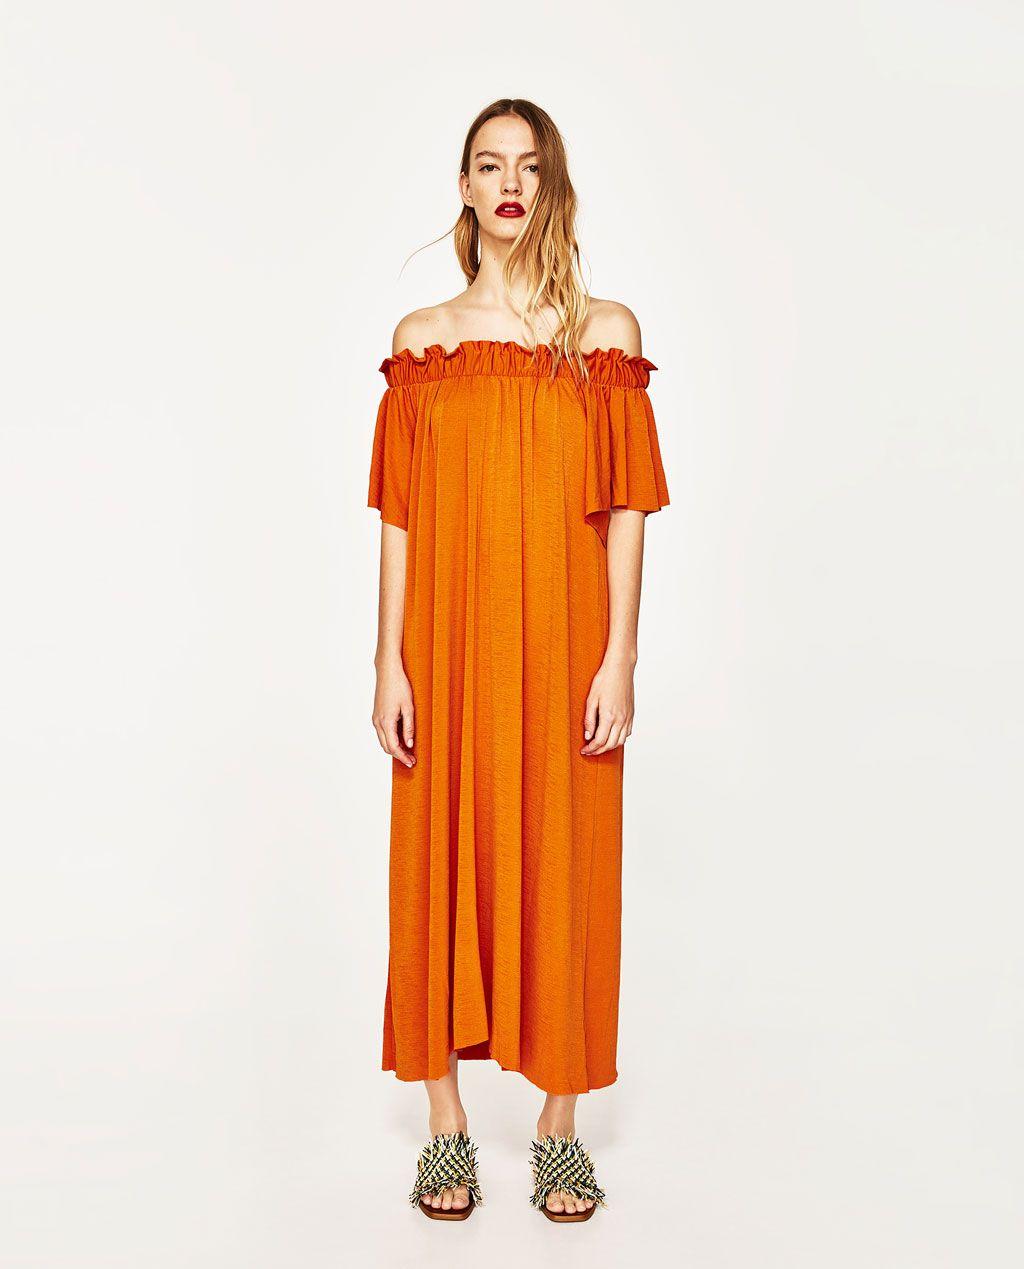 Zara kleid gelb lang